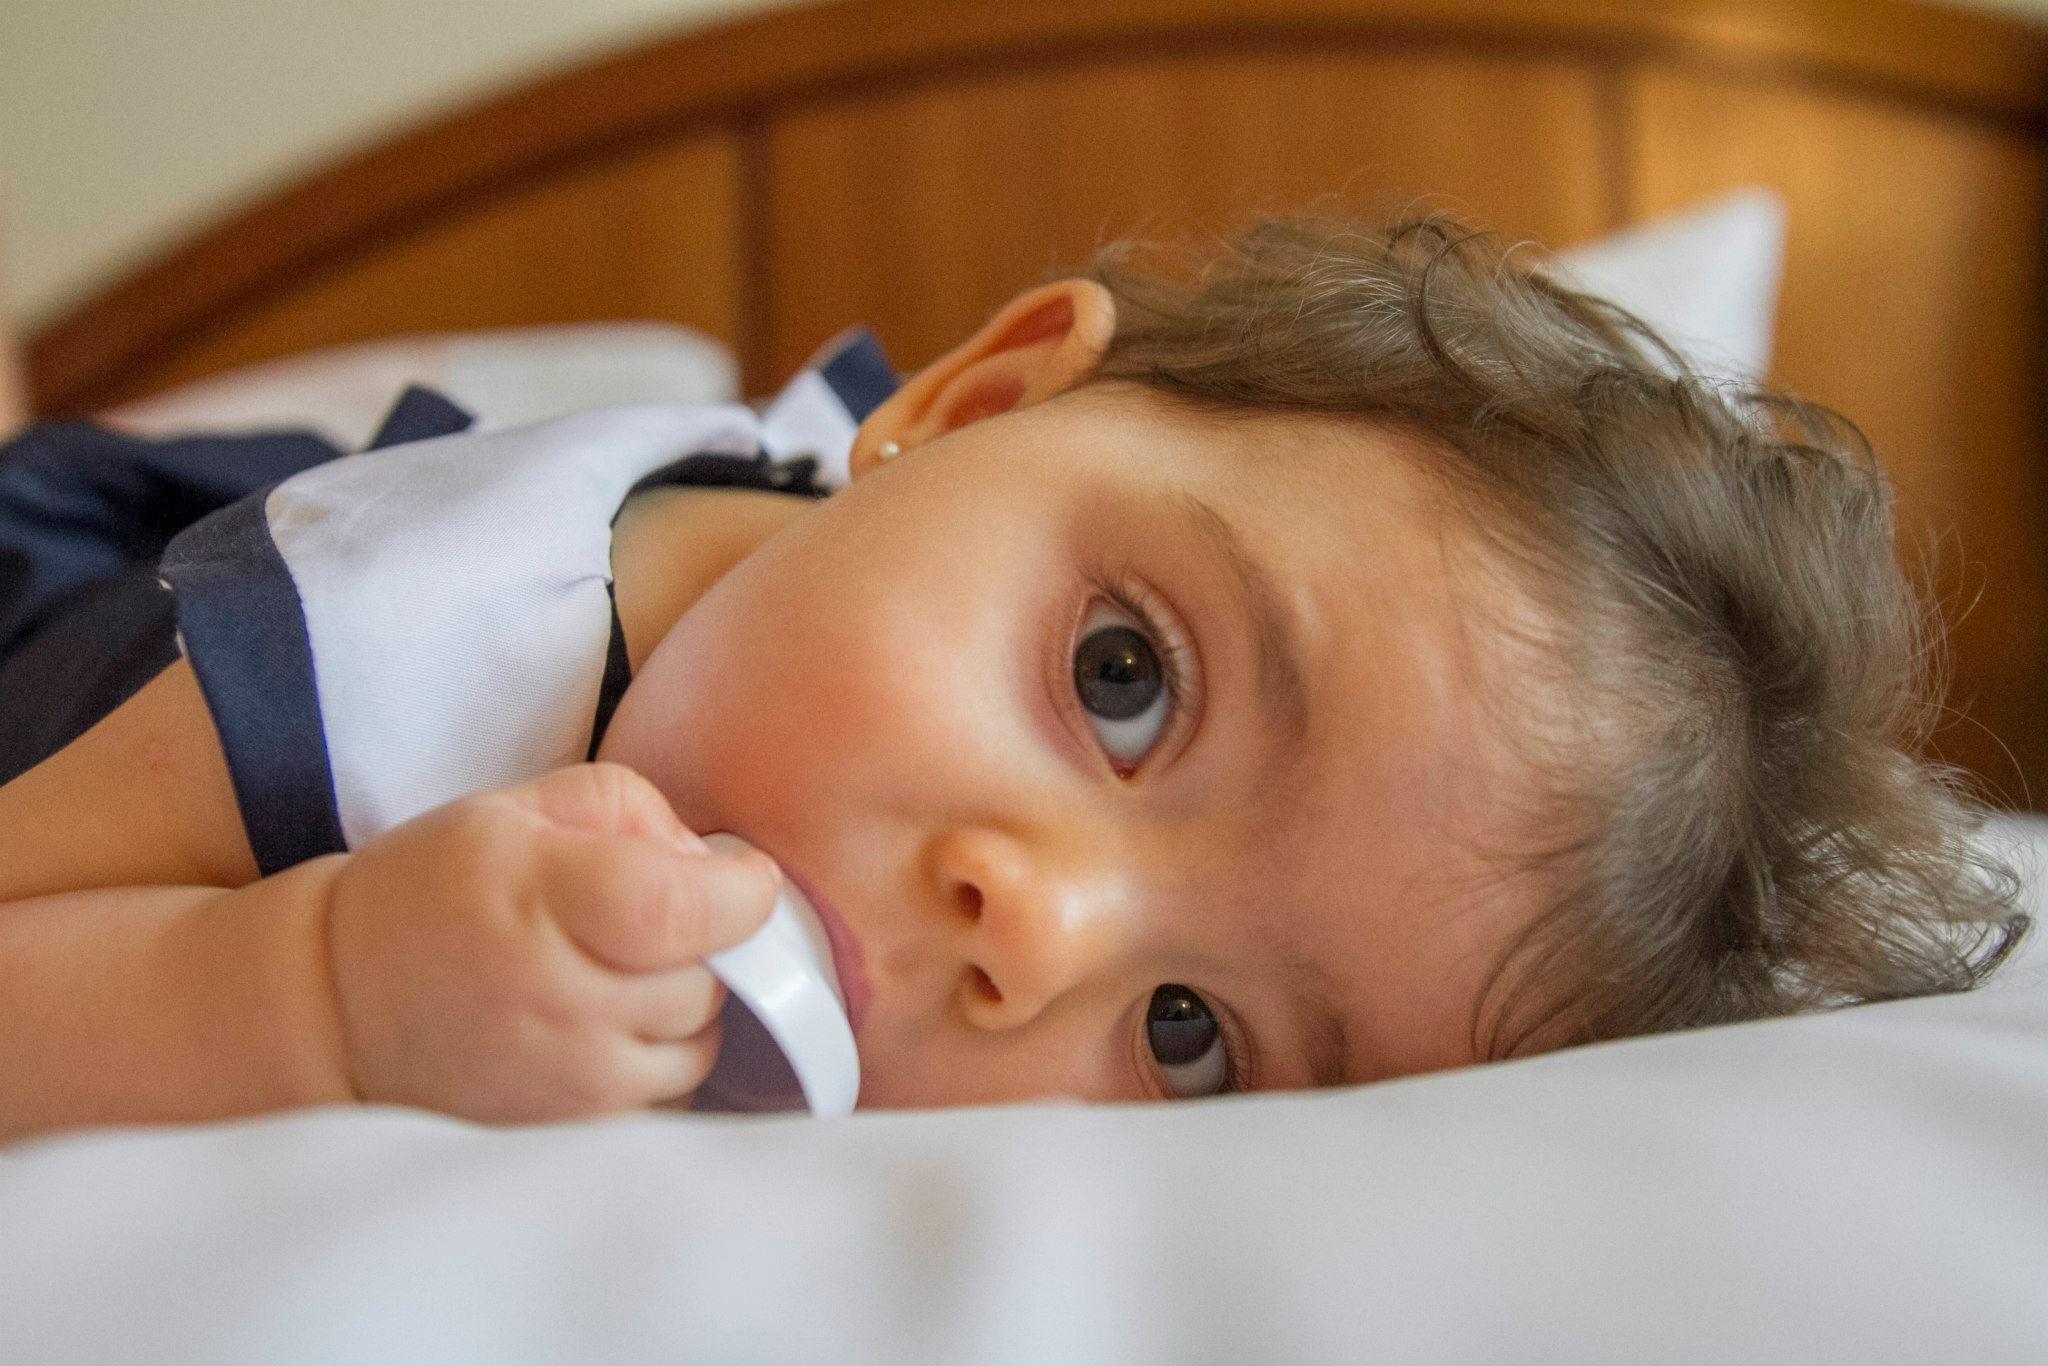 Cor Dos Olhos a Cor Dos Olhos Dos Bebês